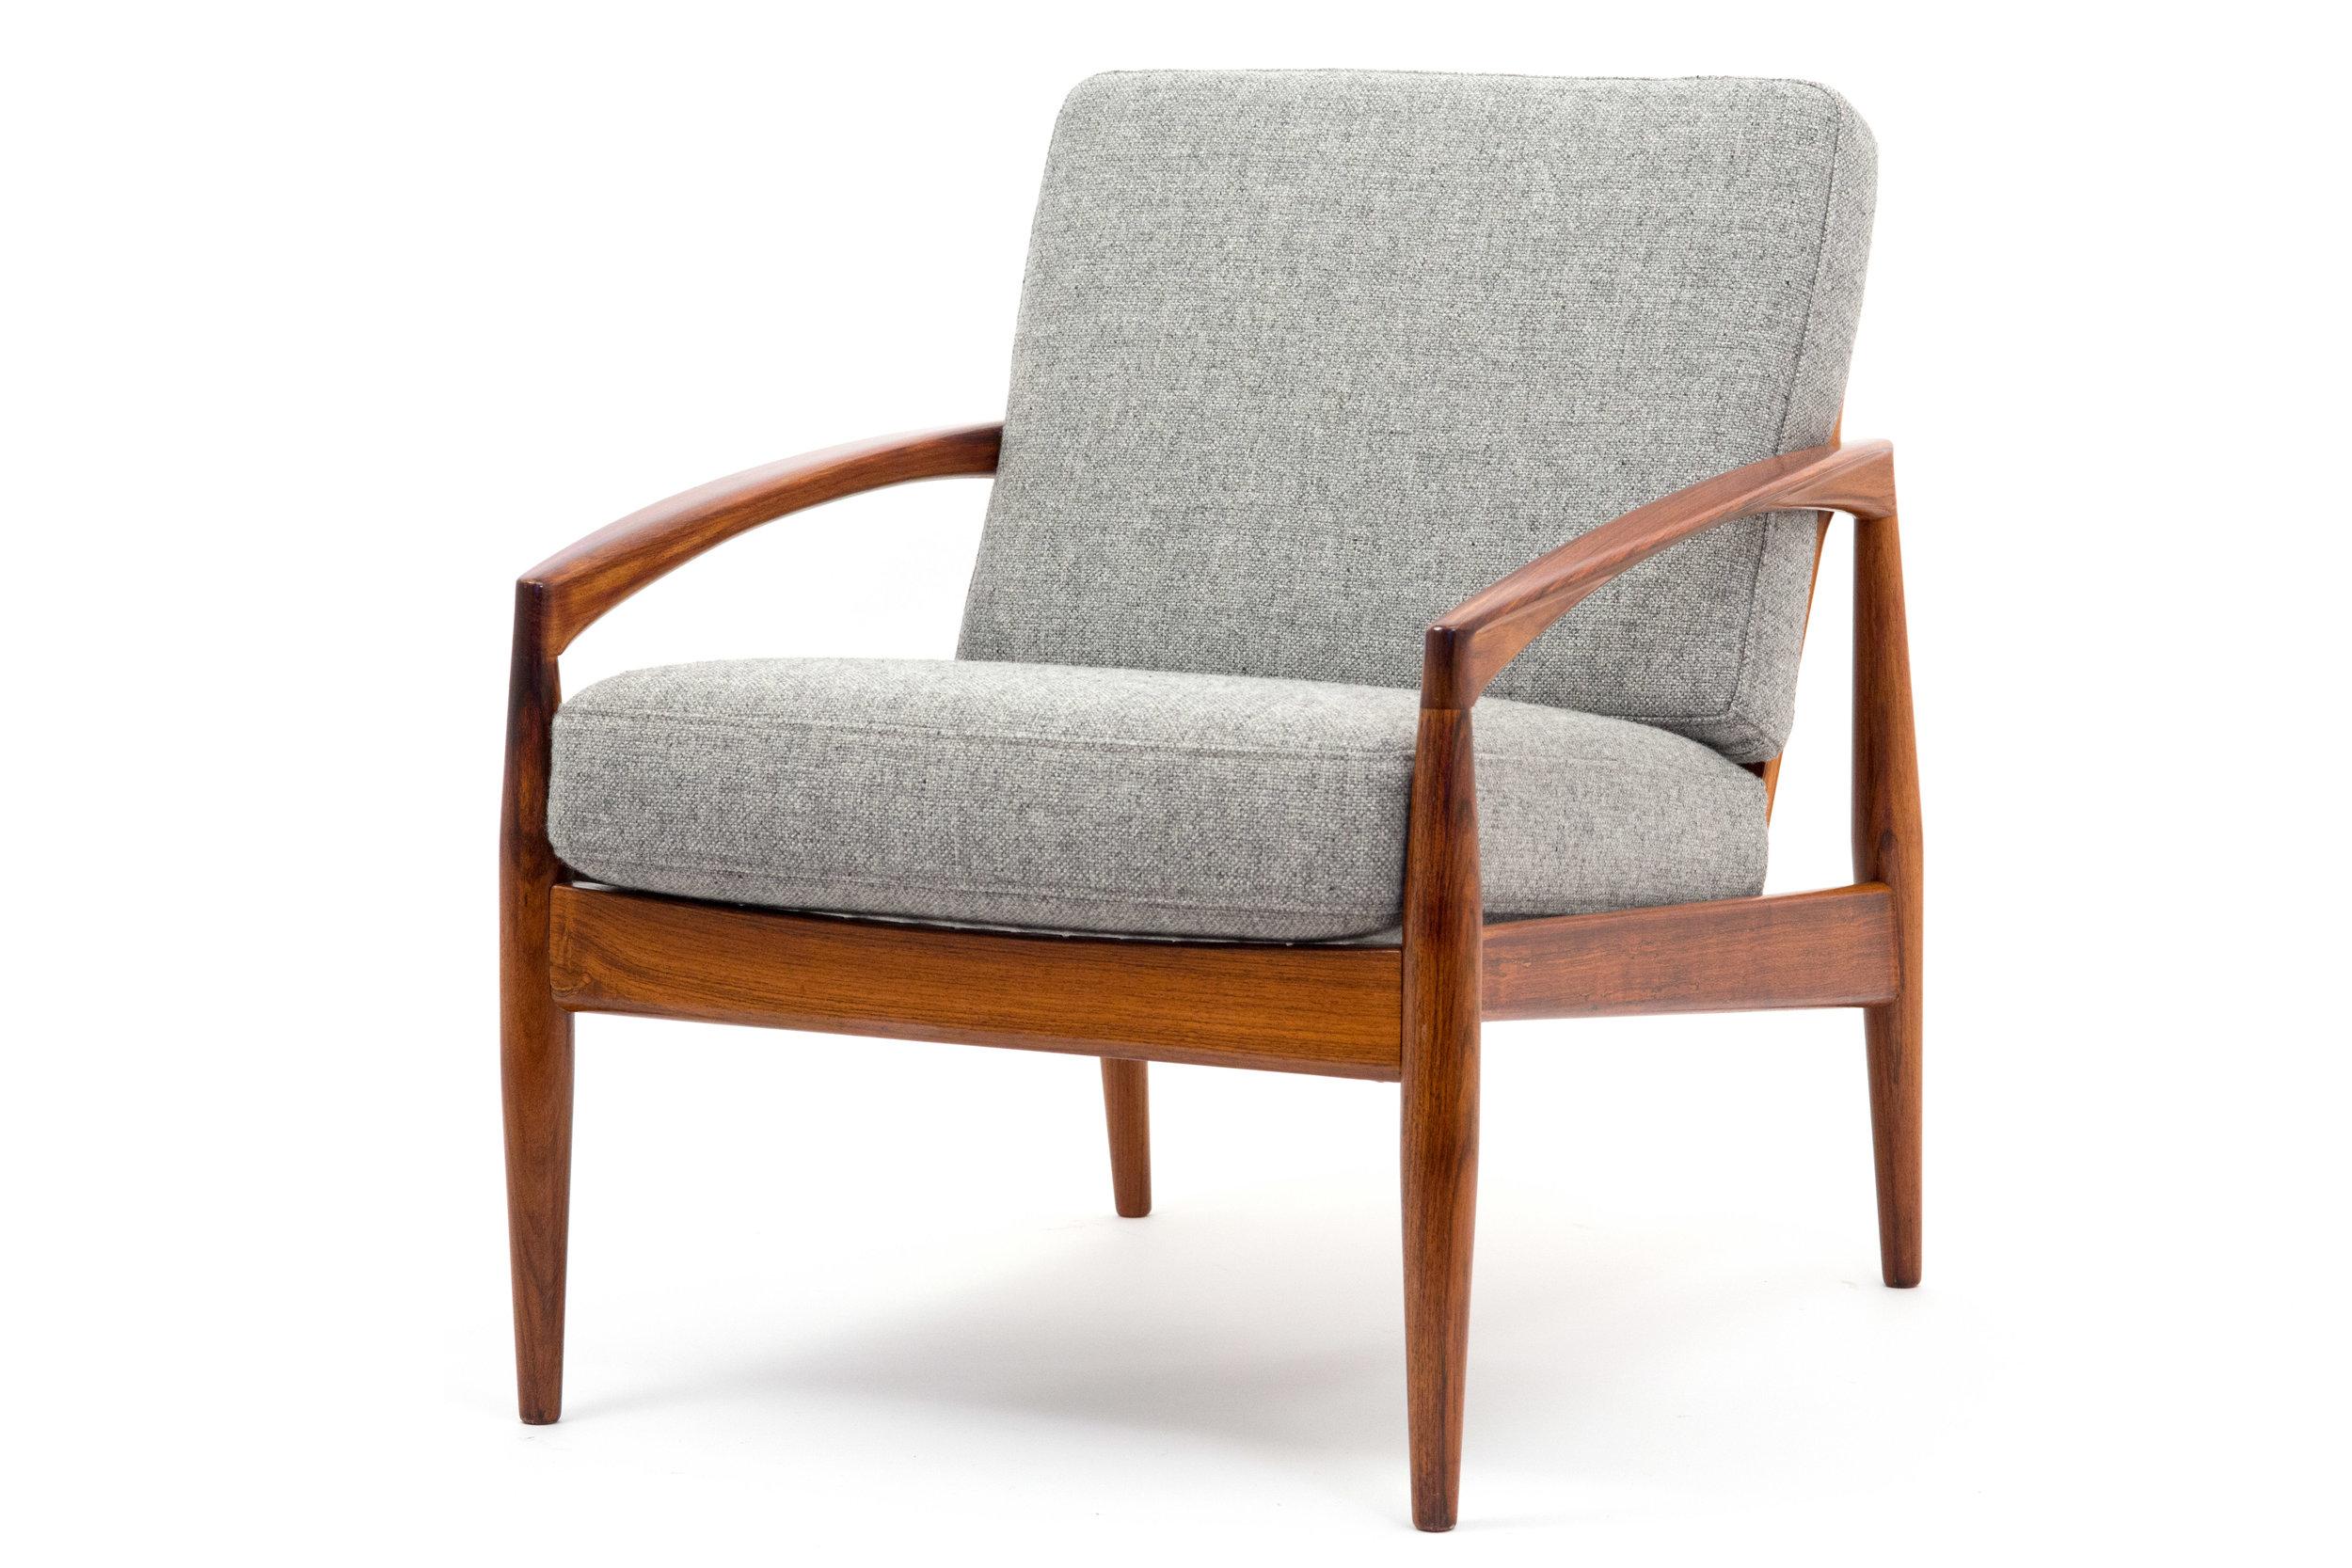 Kai chair 6 copy.jpg